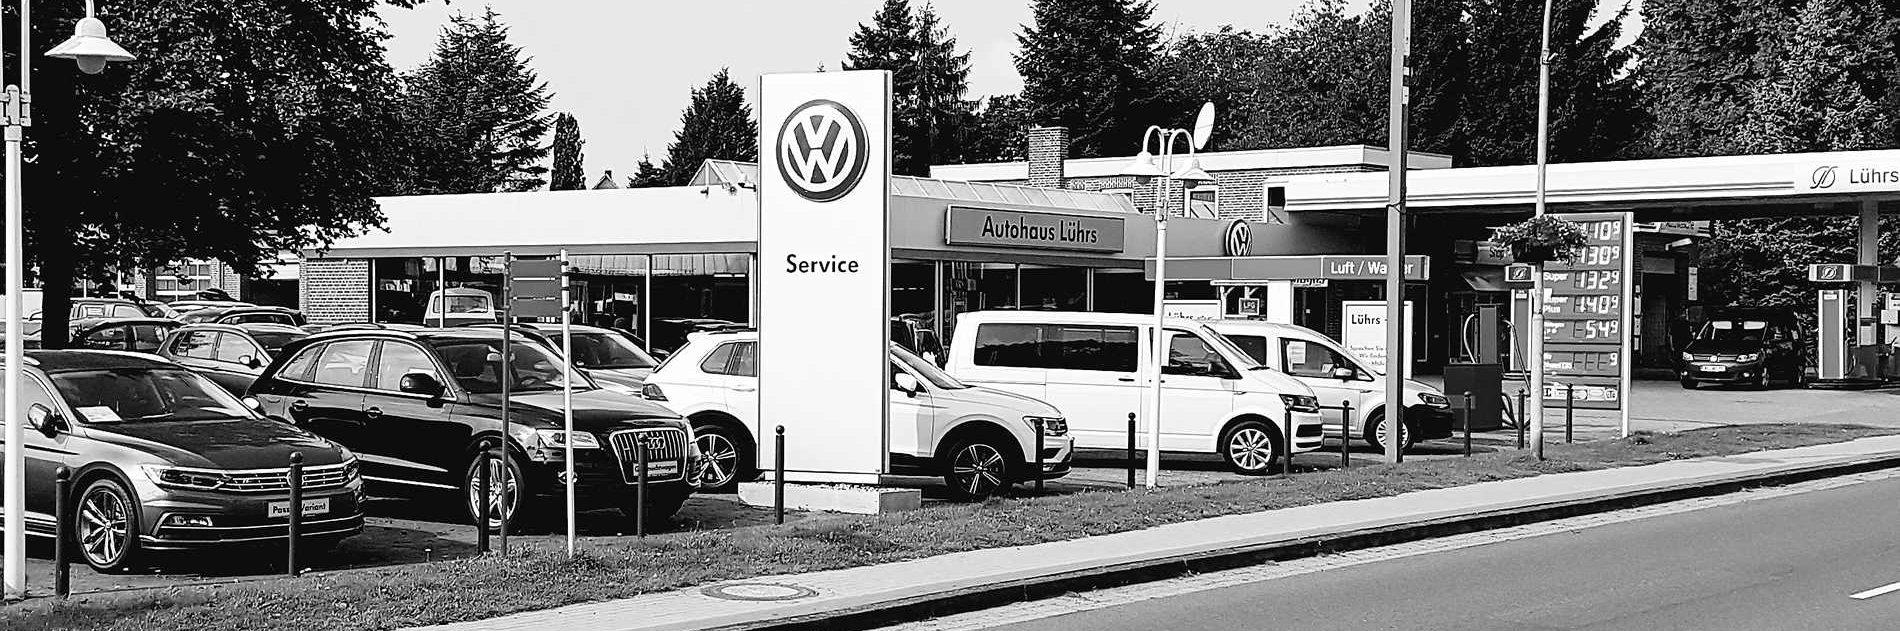 Autohaus Lührs